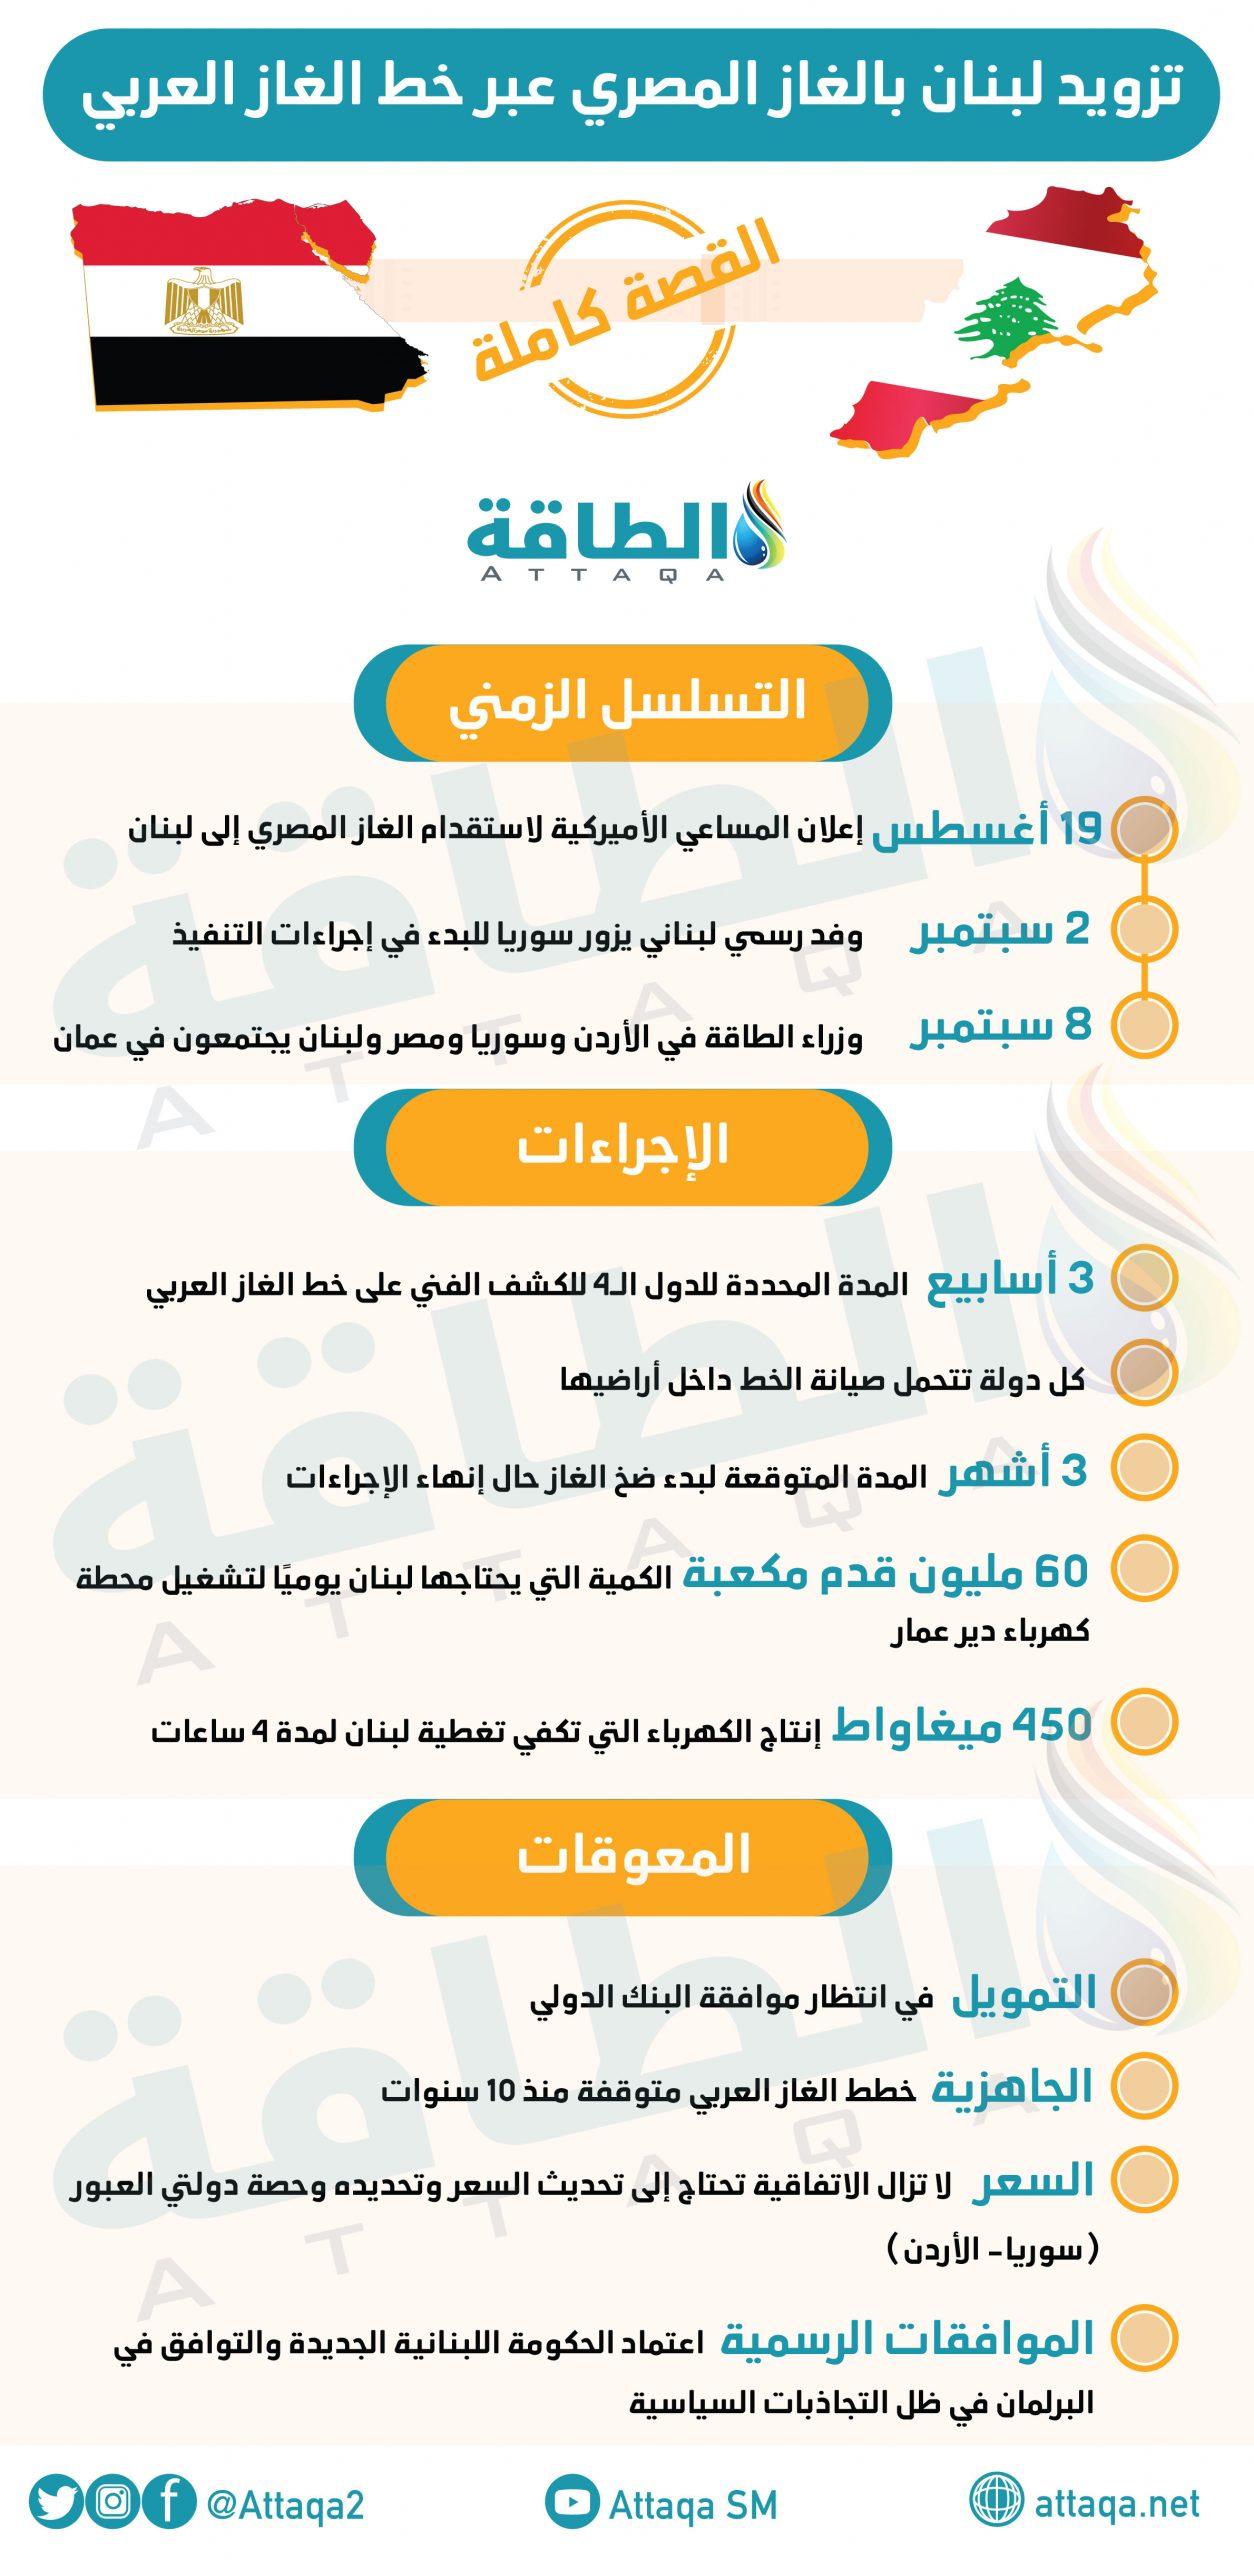 الغاز المصري - خط الغاز العربي